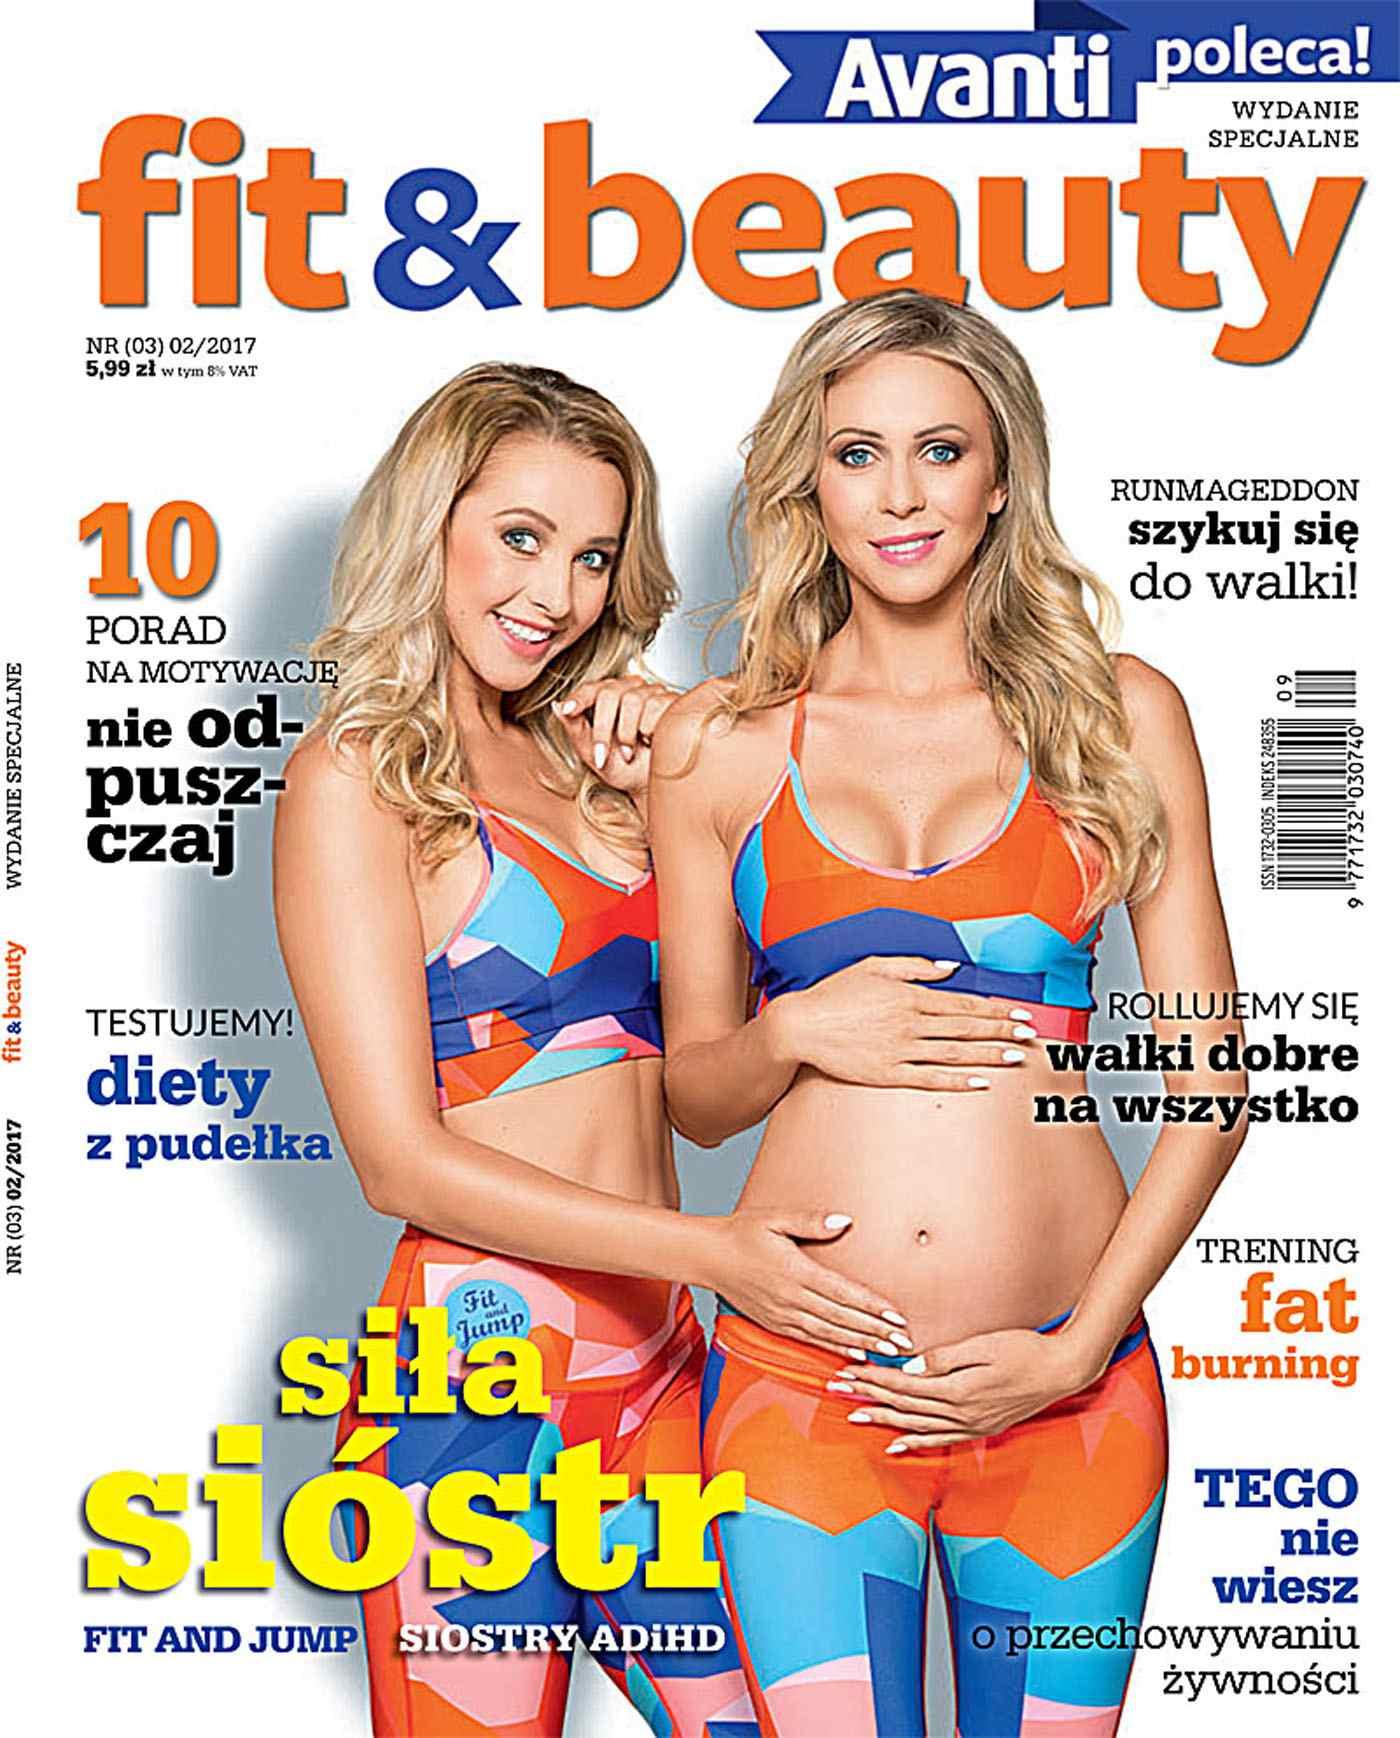 Avanti. Wydanie Specjalne. Fit & Beauty 2/2017 - Ebook (Książka PDF) do pobrania w formacie PDF